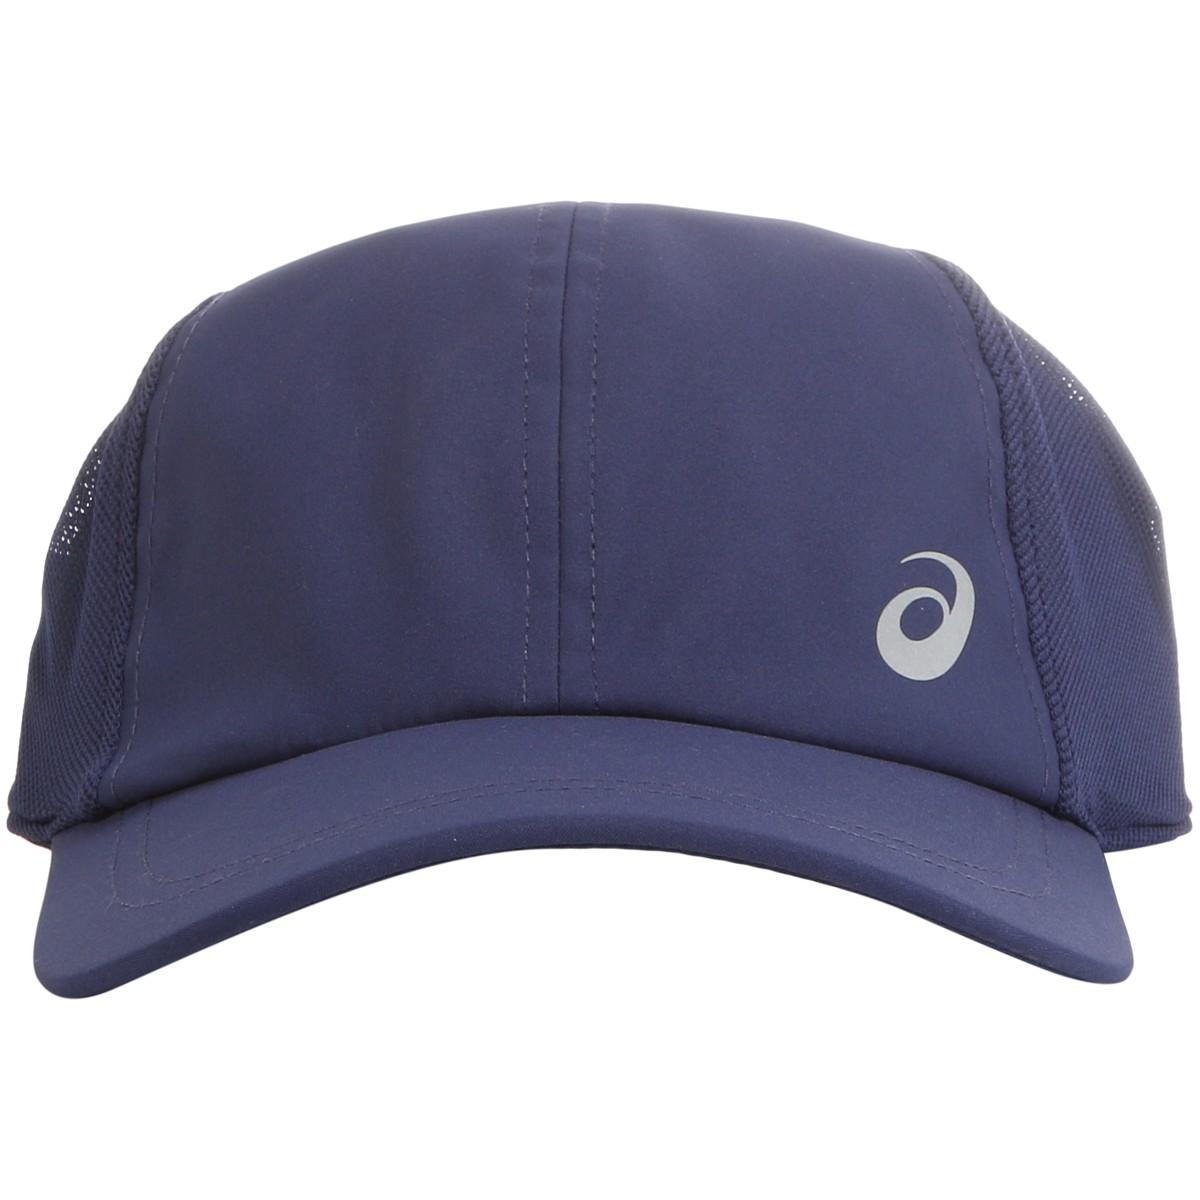 ASICS ESSENTIEL CAP - ASICS - Men's - Clothing | Tennispro